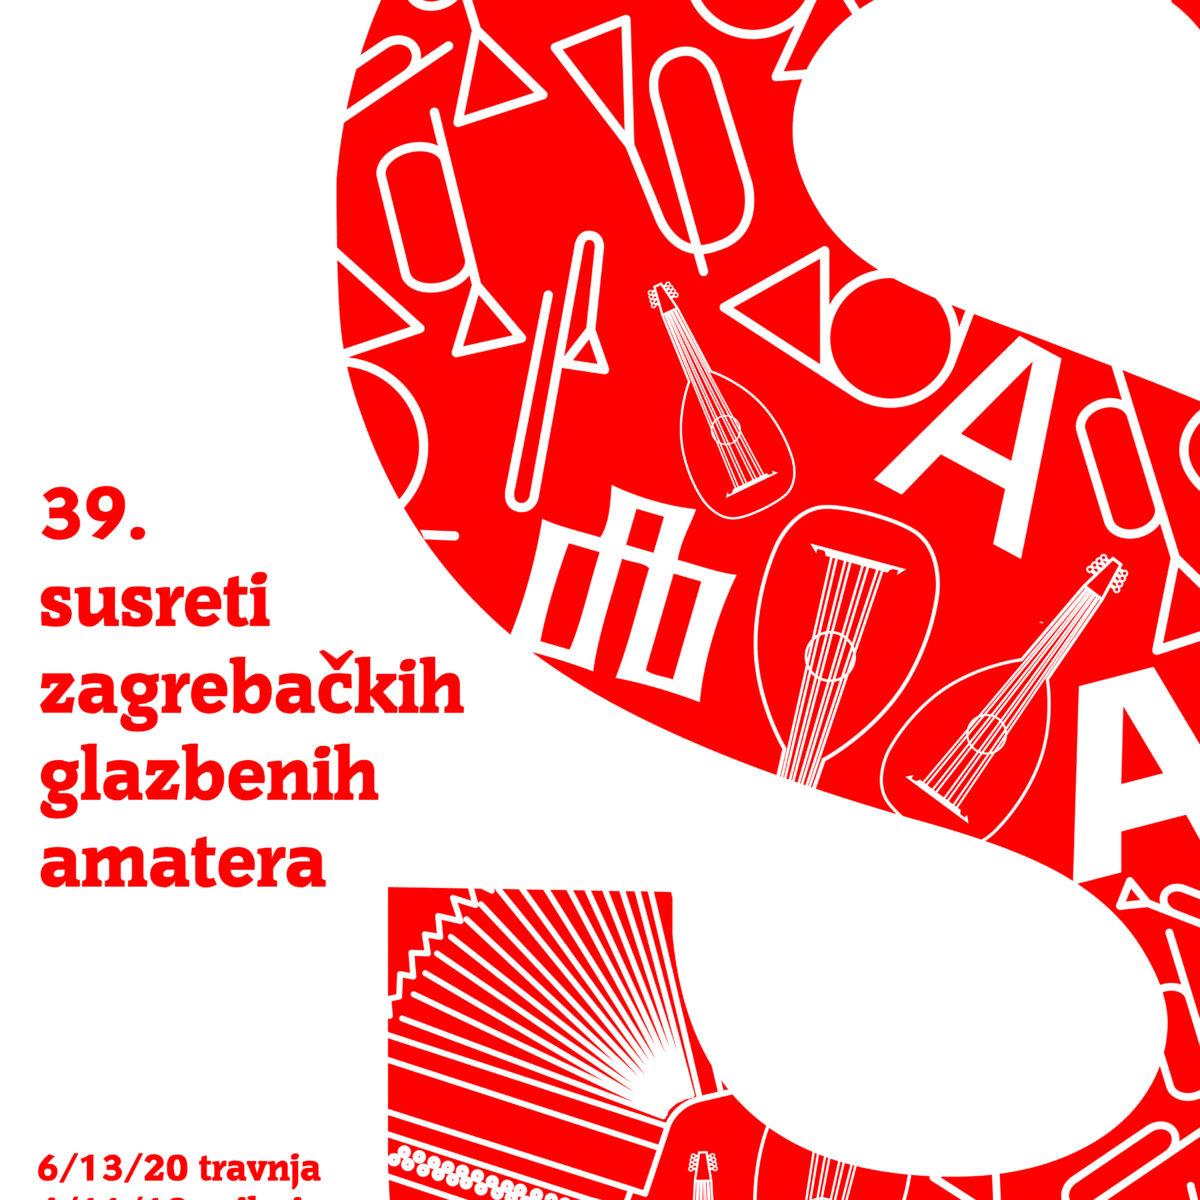 39. Susreti zagrebačkih glazbenih amatera